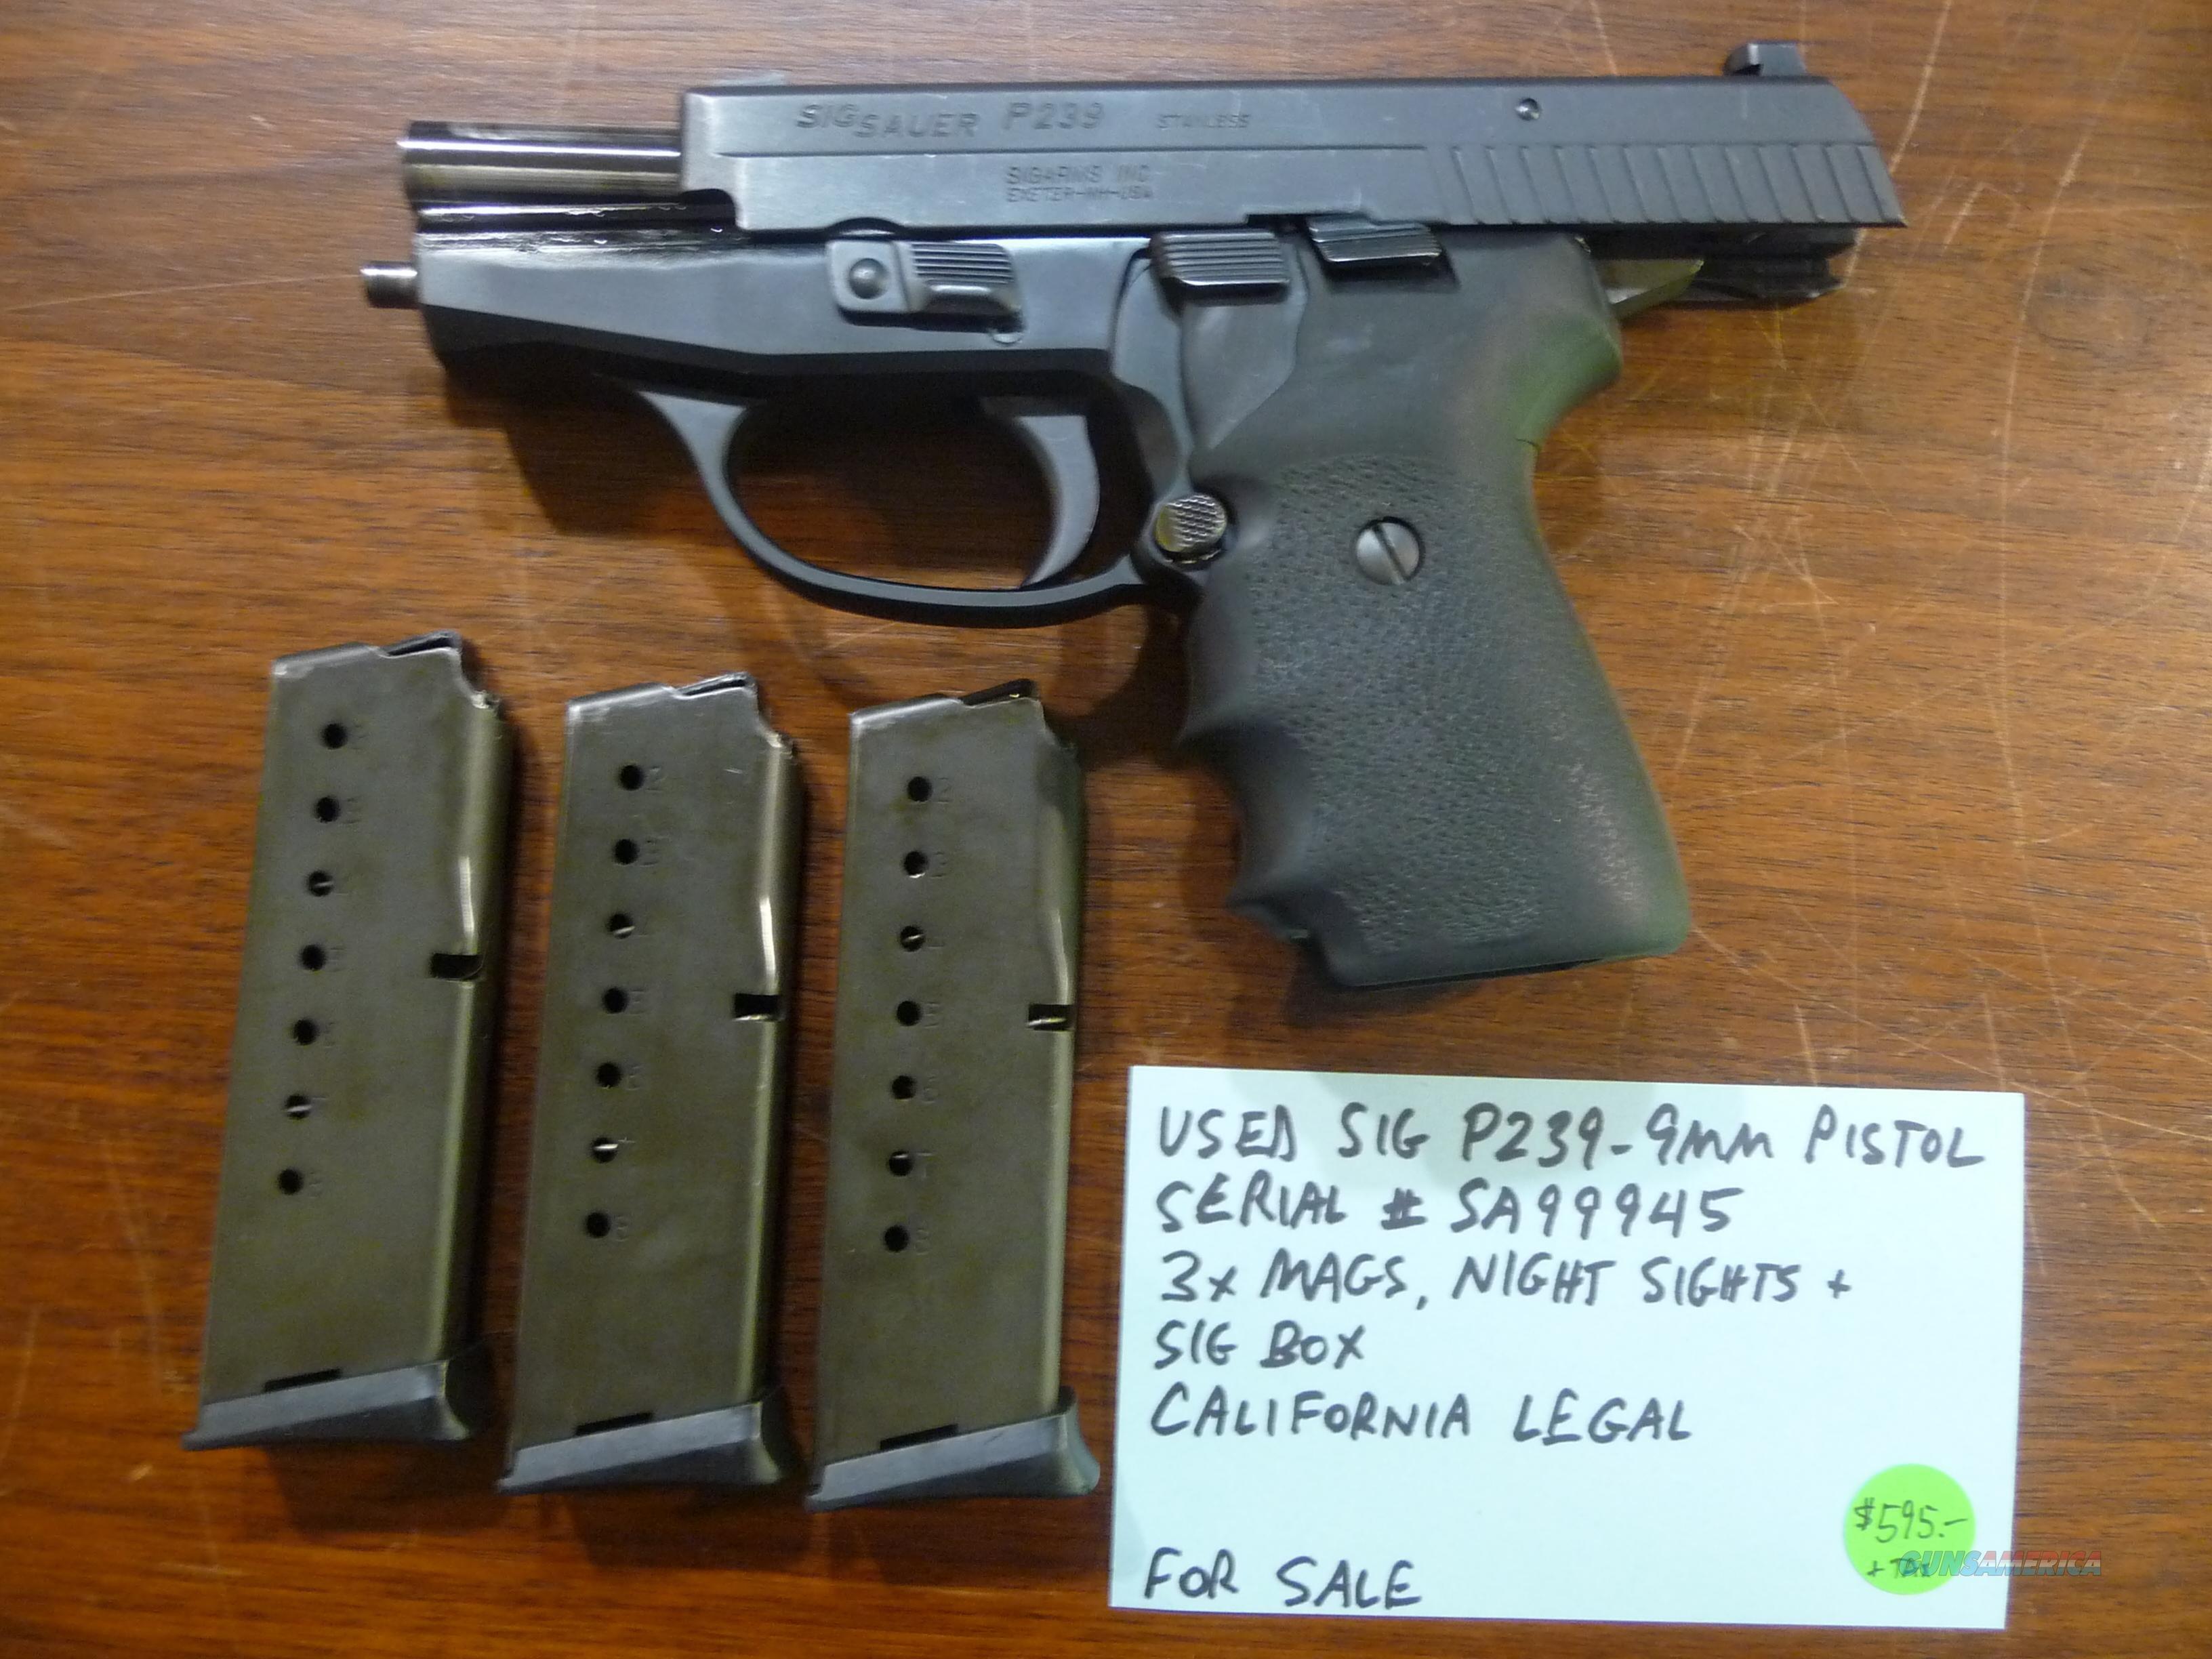 sig p239 legal california 9mm pistol box userimages